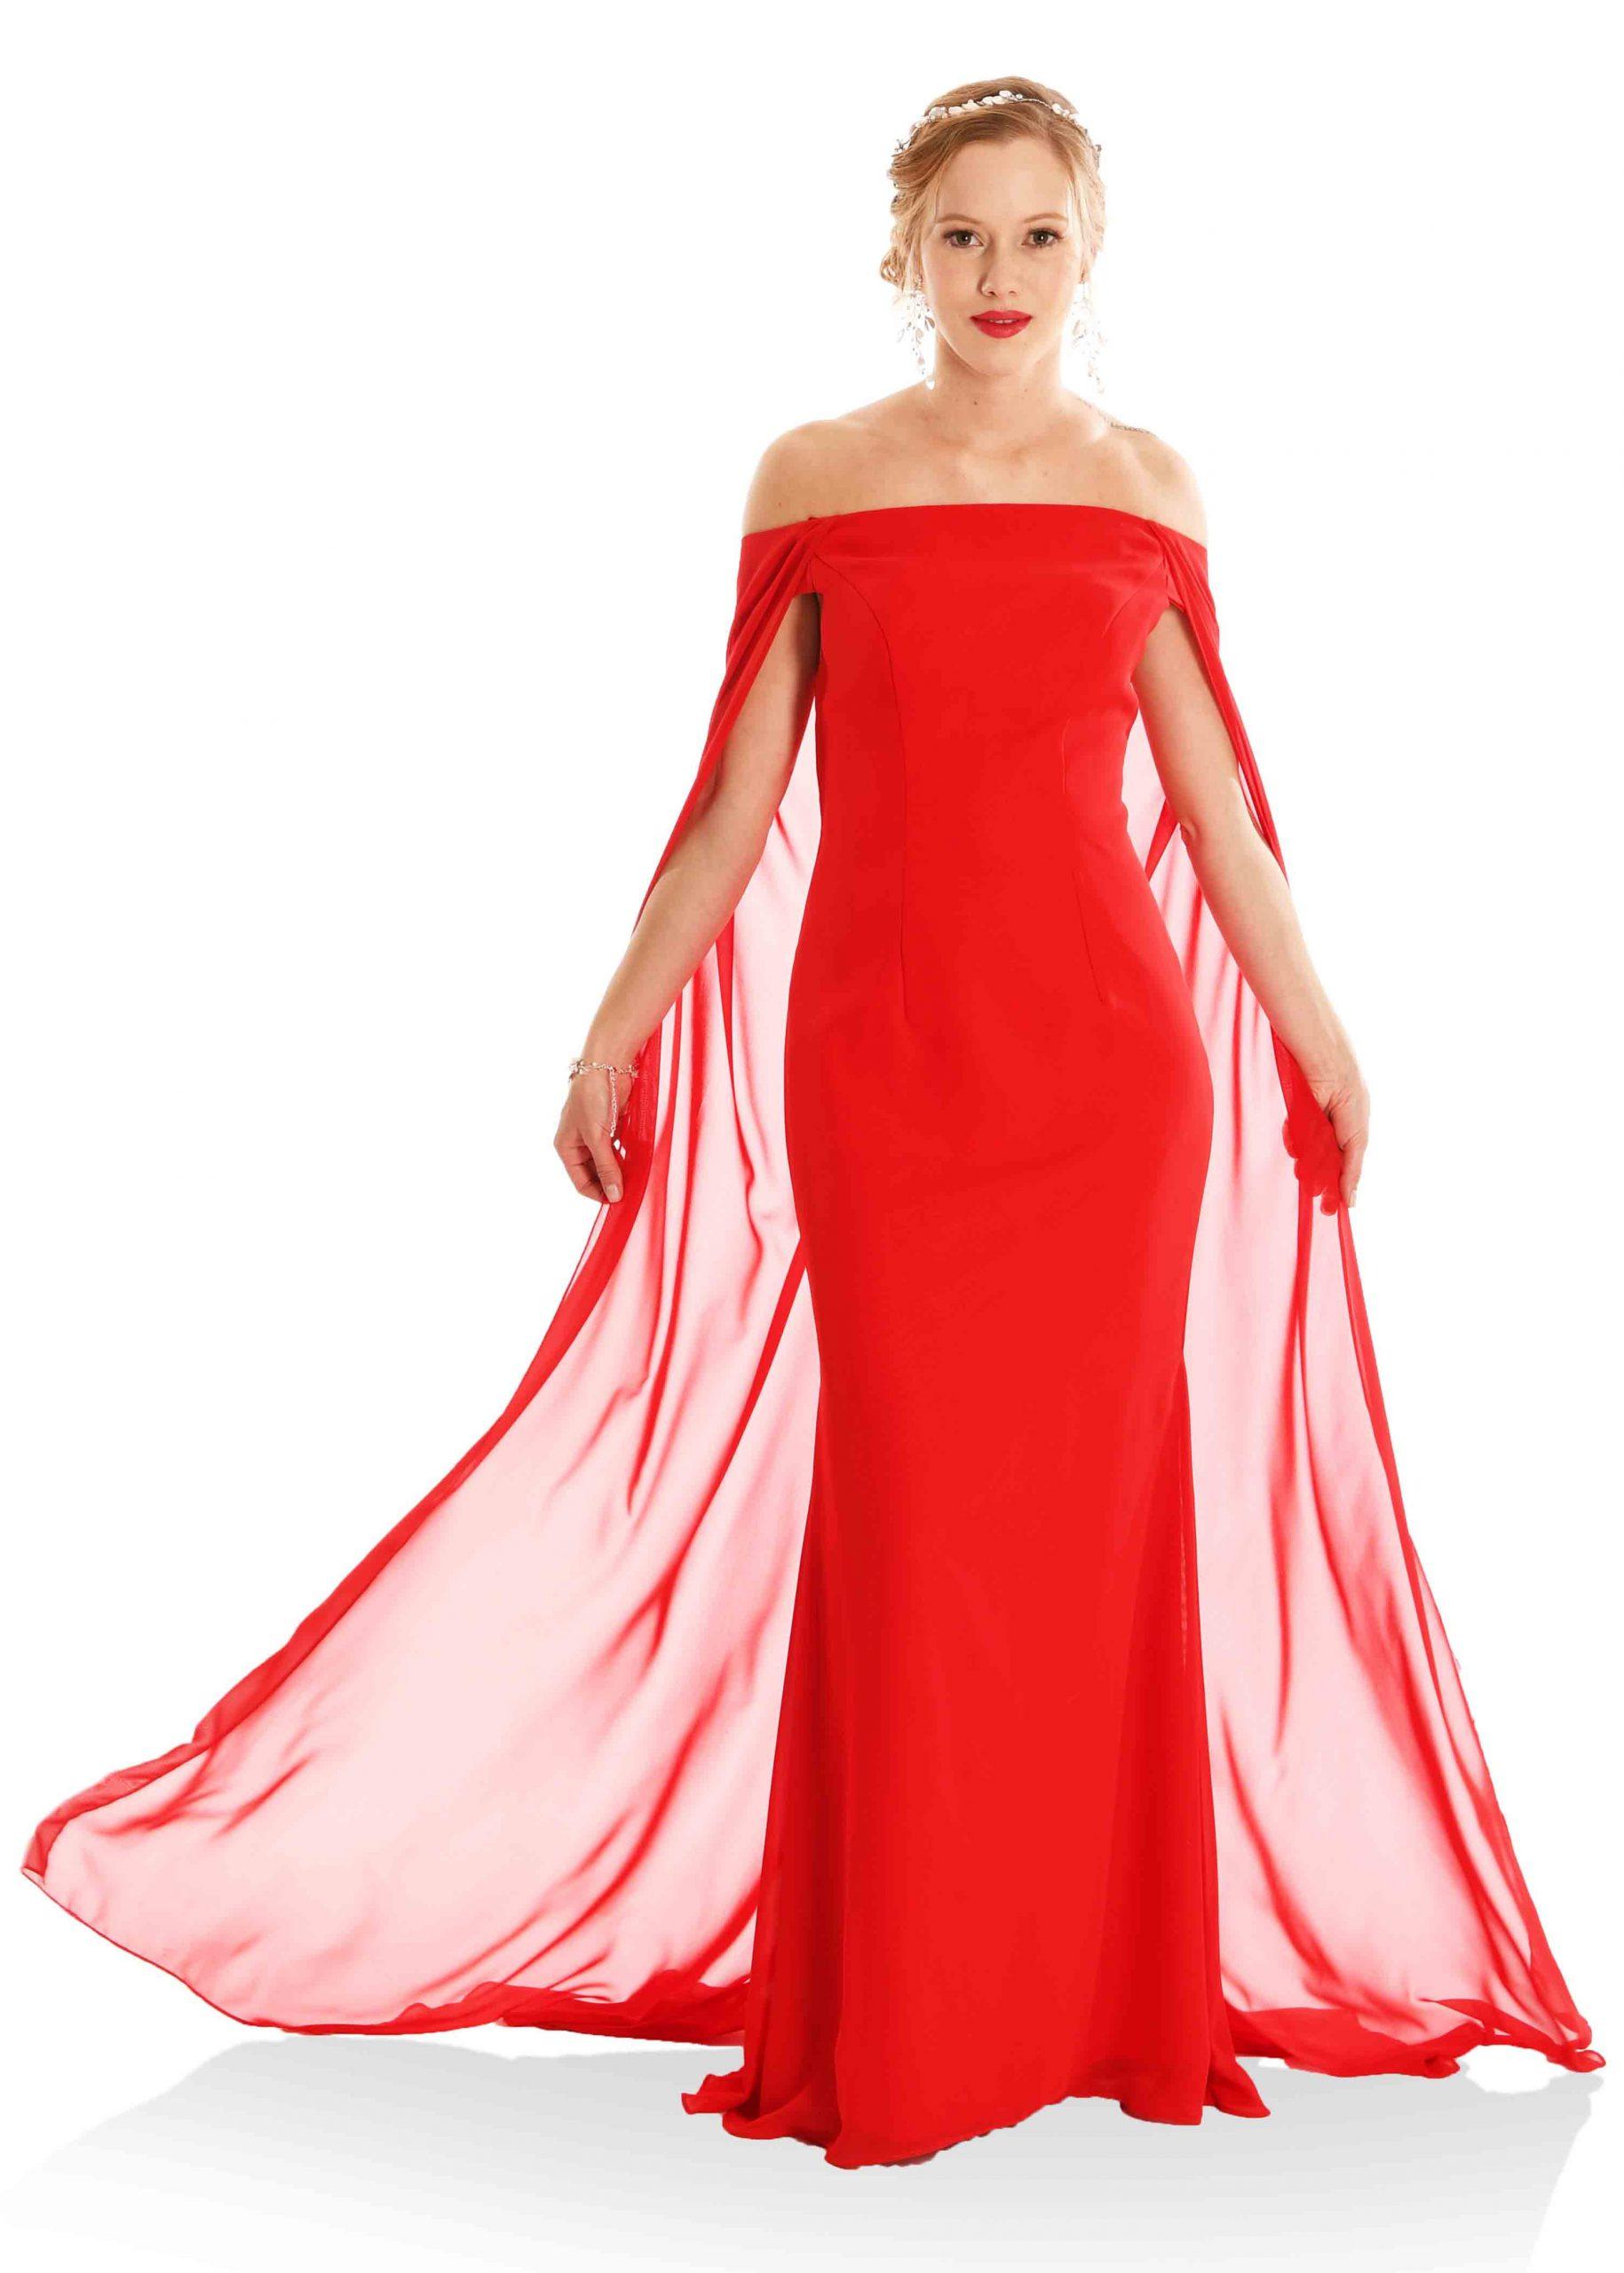 Designer Cool Edle Kleider Für Hochzeit VertriebAbend Spektakulär Edle Kleider Für Hochzeit Bester Preis